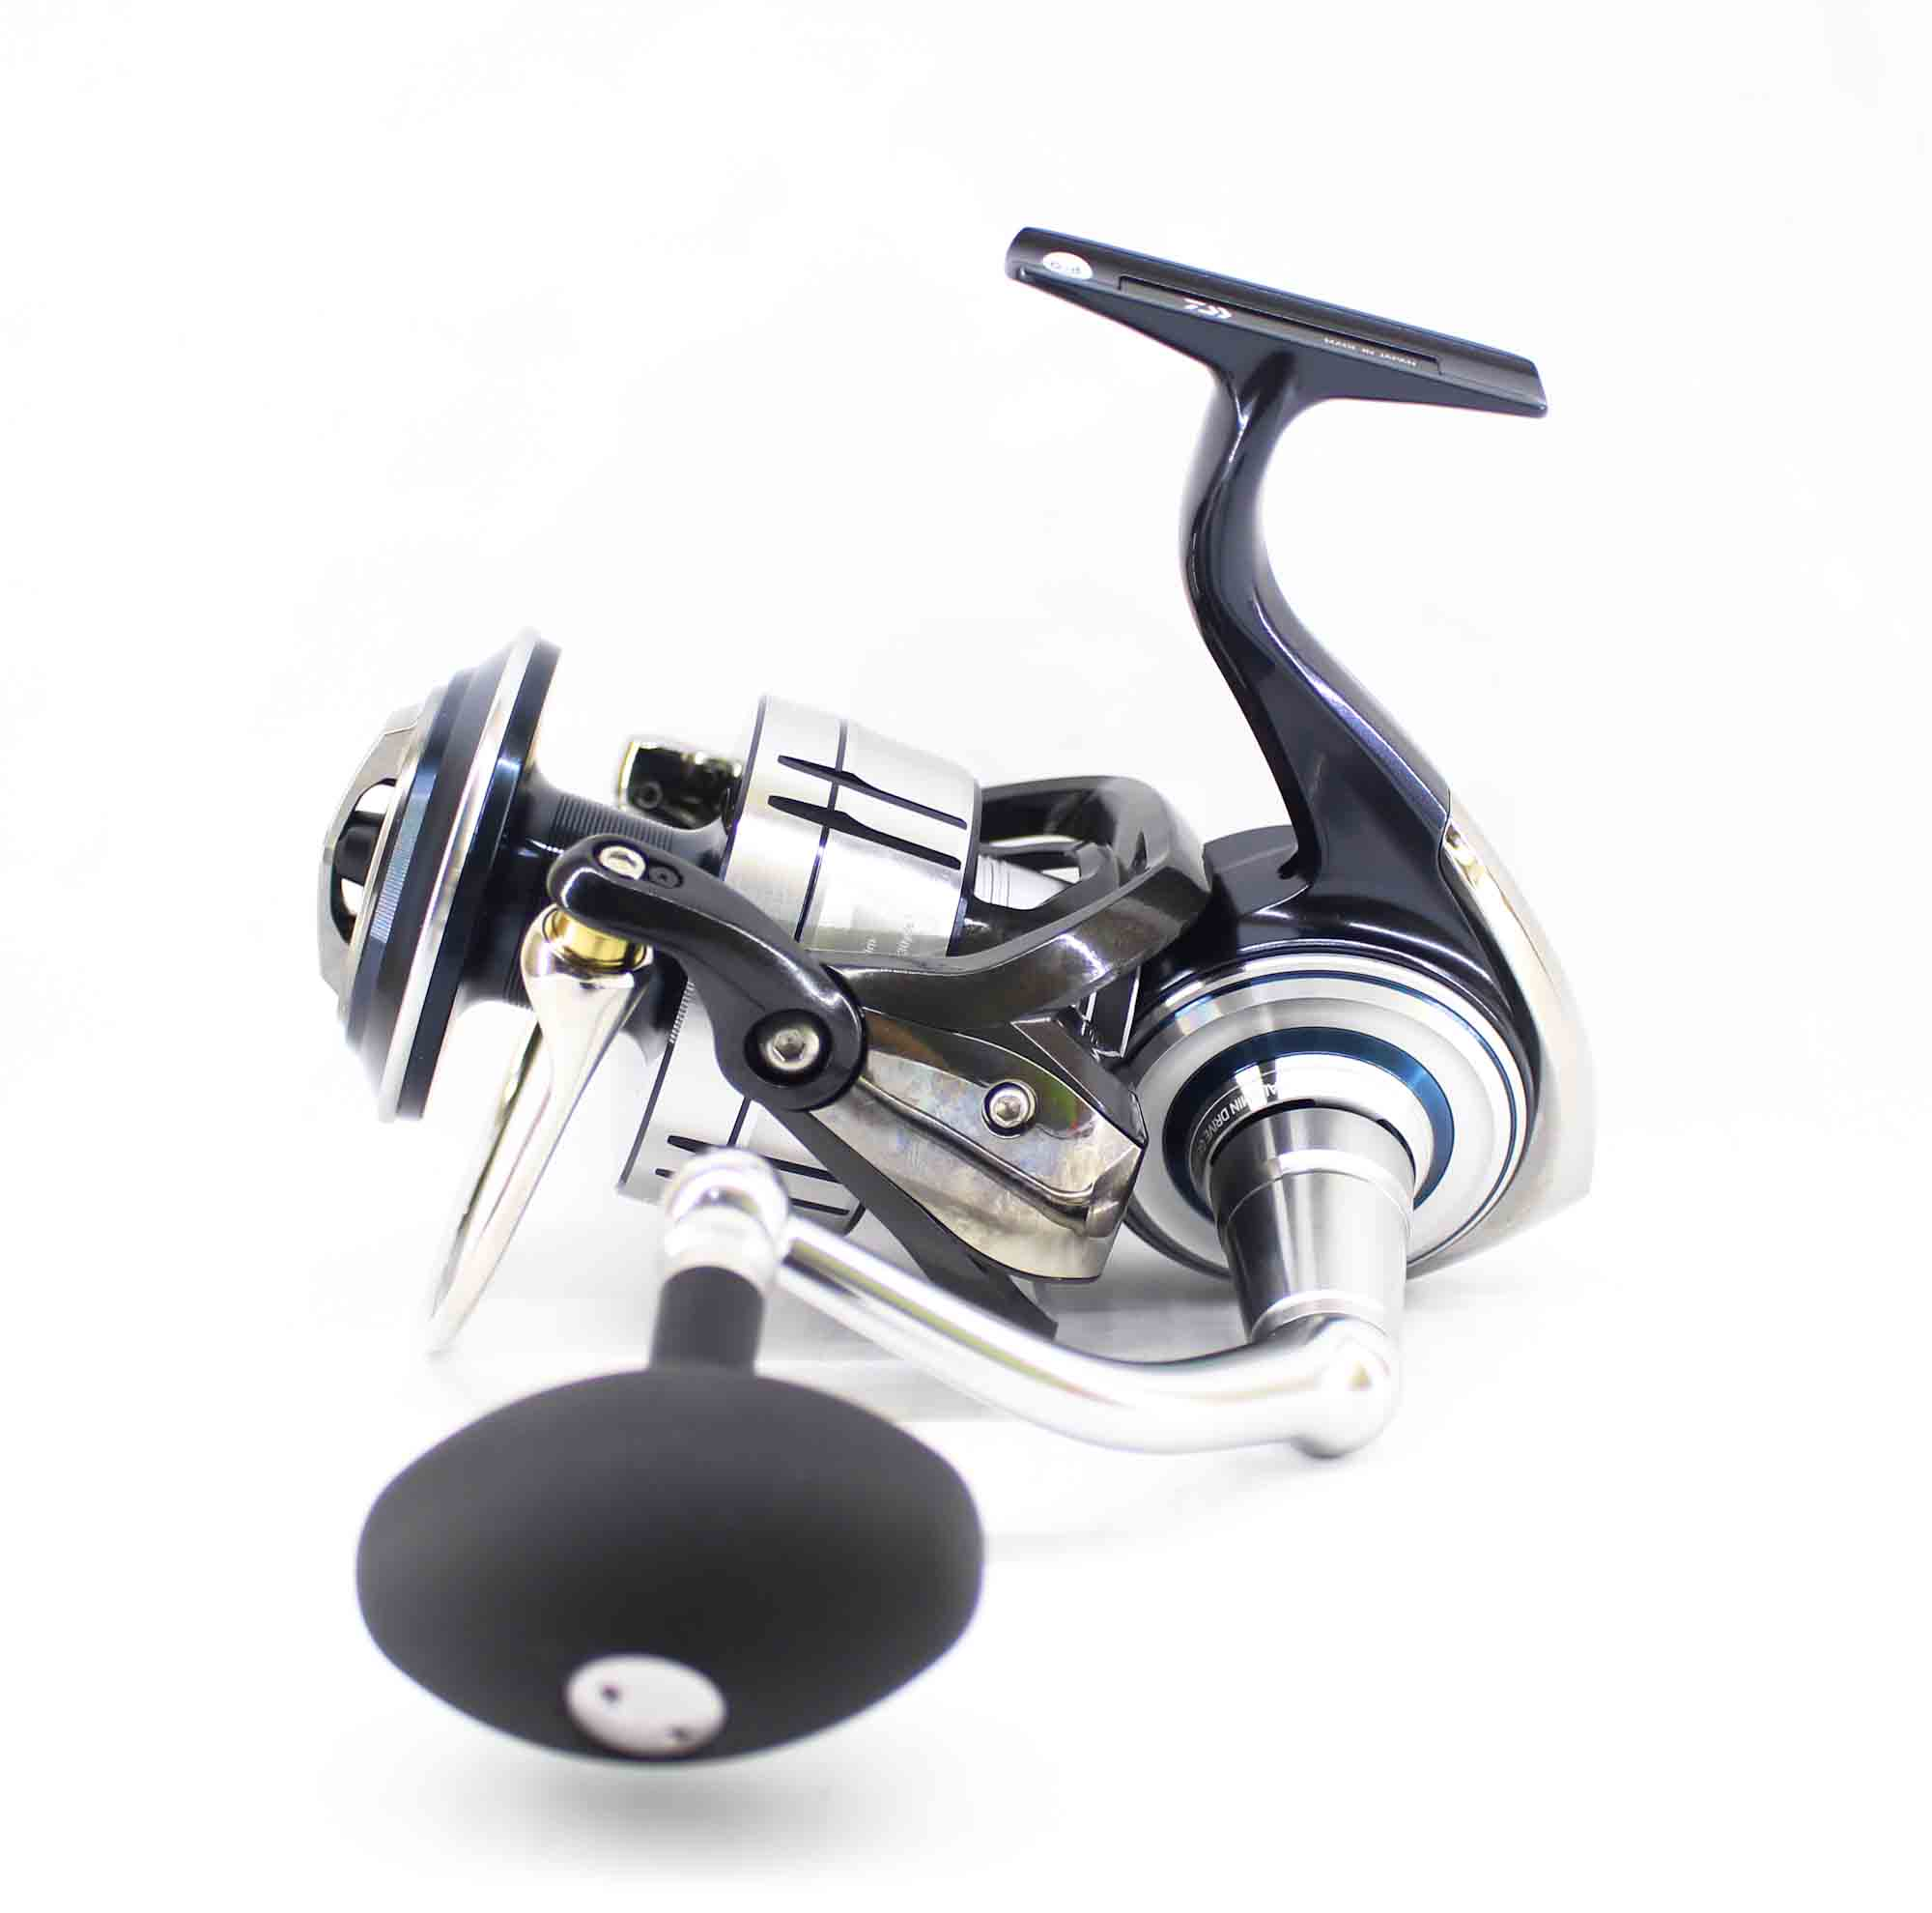 Daiwa Reel Spinning 21 Certate SW 18000 H (3373)